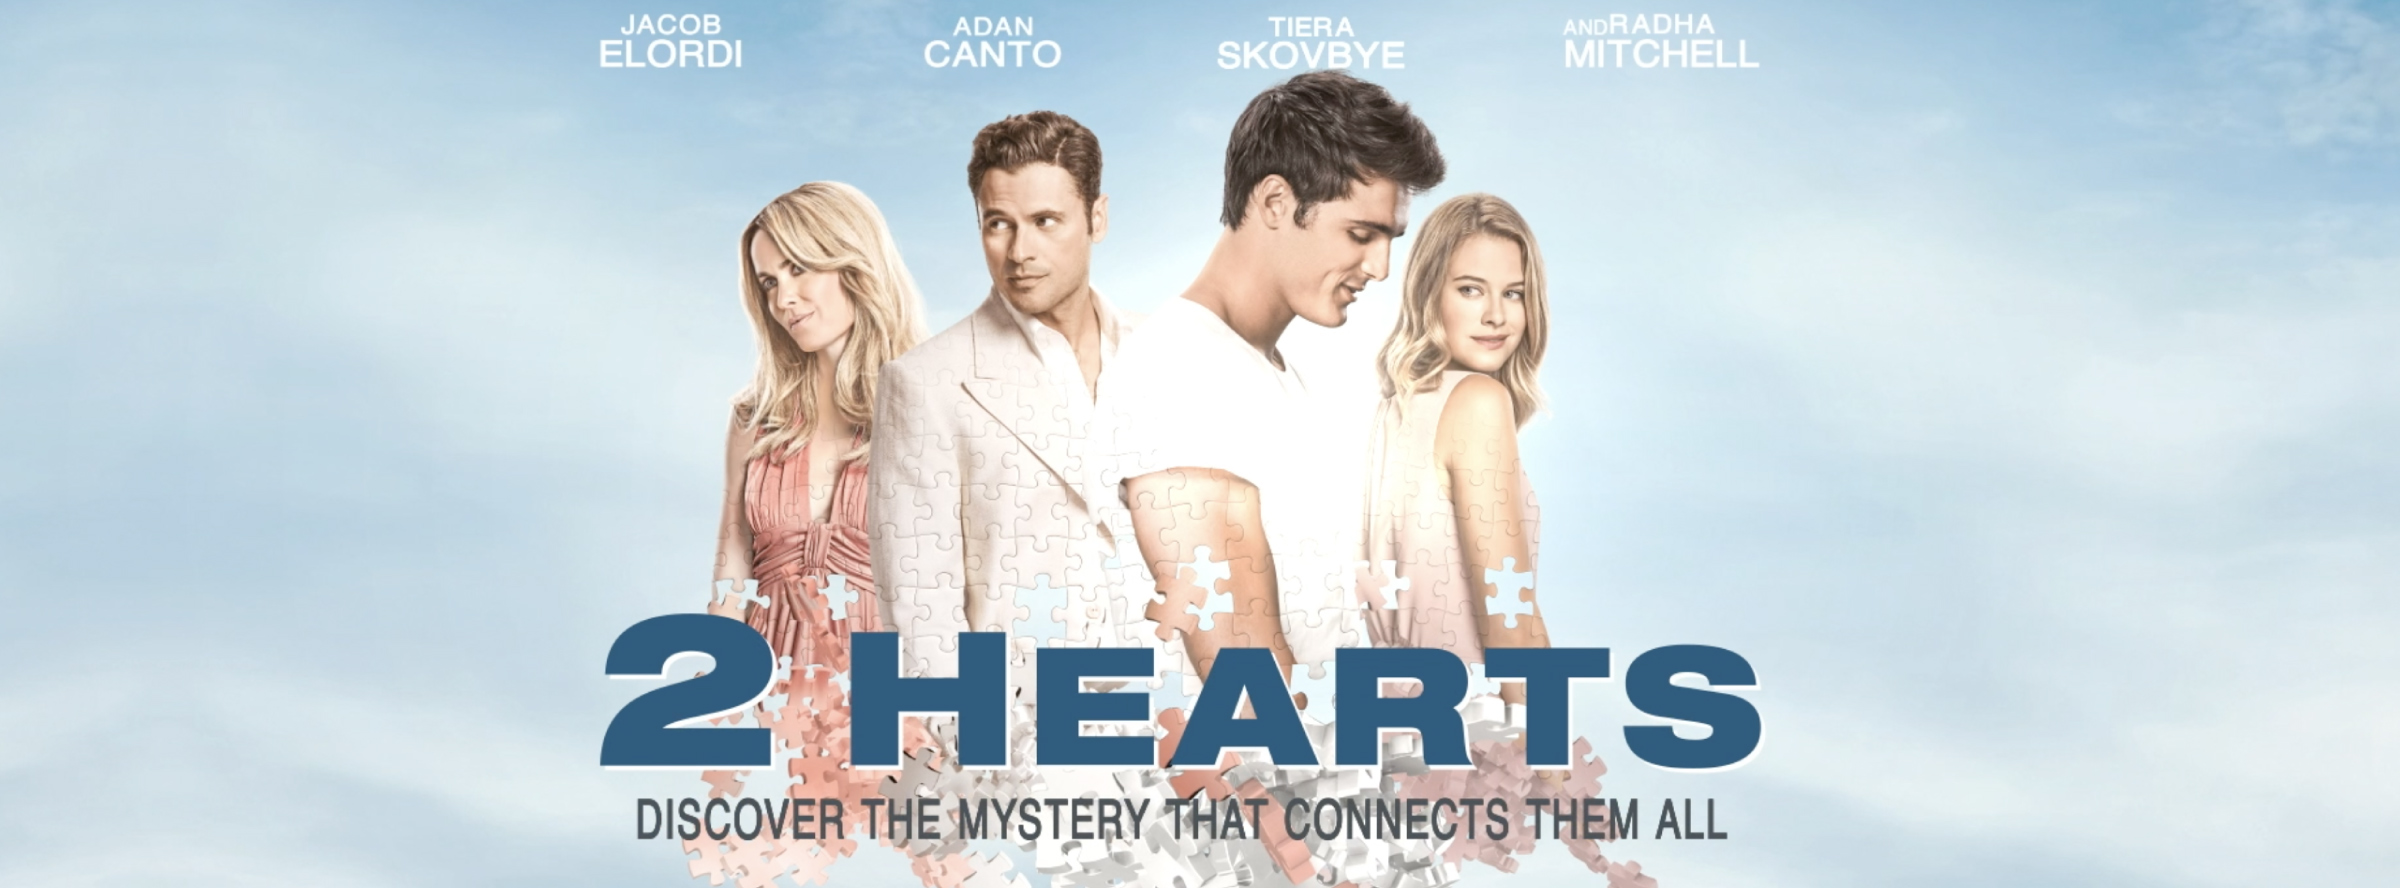 Slider Image for 2 Hearts